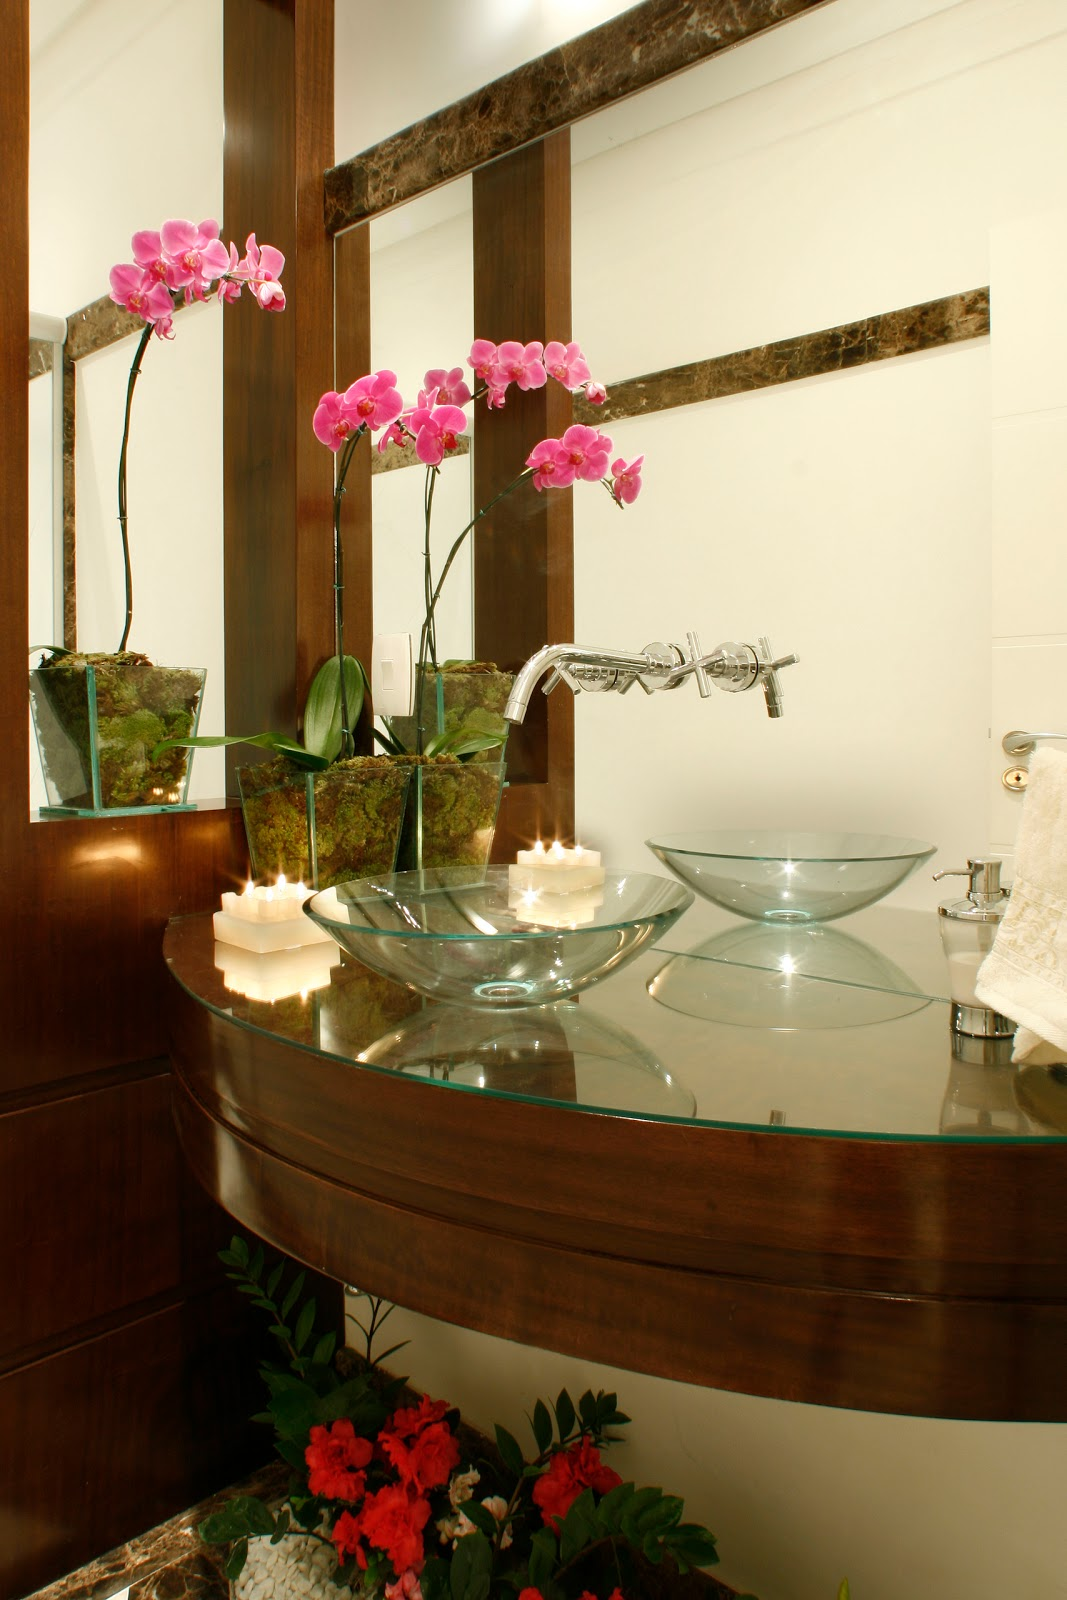 Decor Samira Ferro: DECORANDO SEU BANHEIRO! Com Requinte e bom gosto! #311C06 1067x1600 Banheiro Antigo Como Decorar